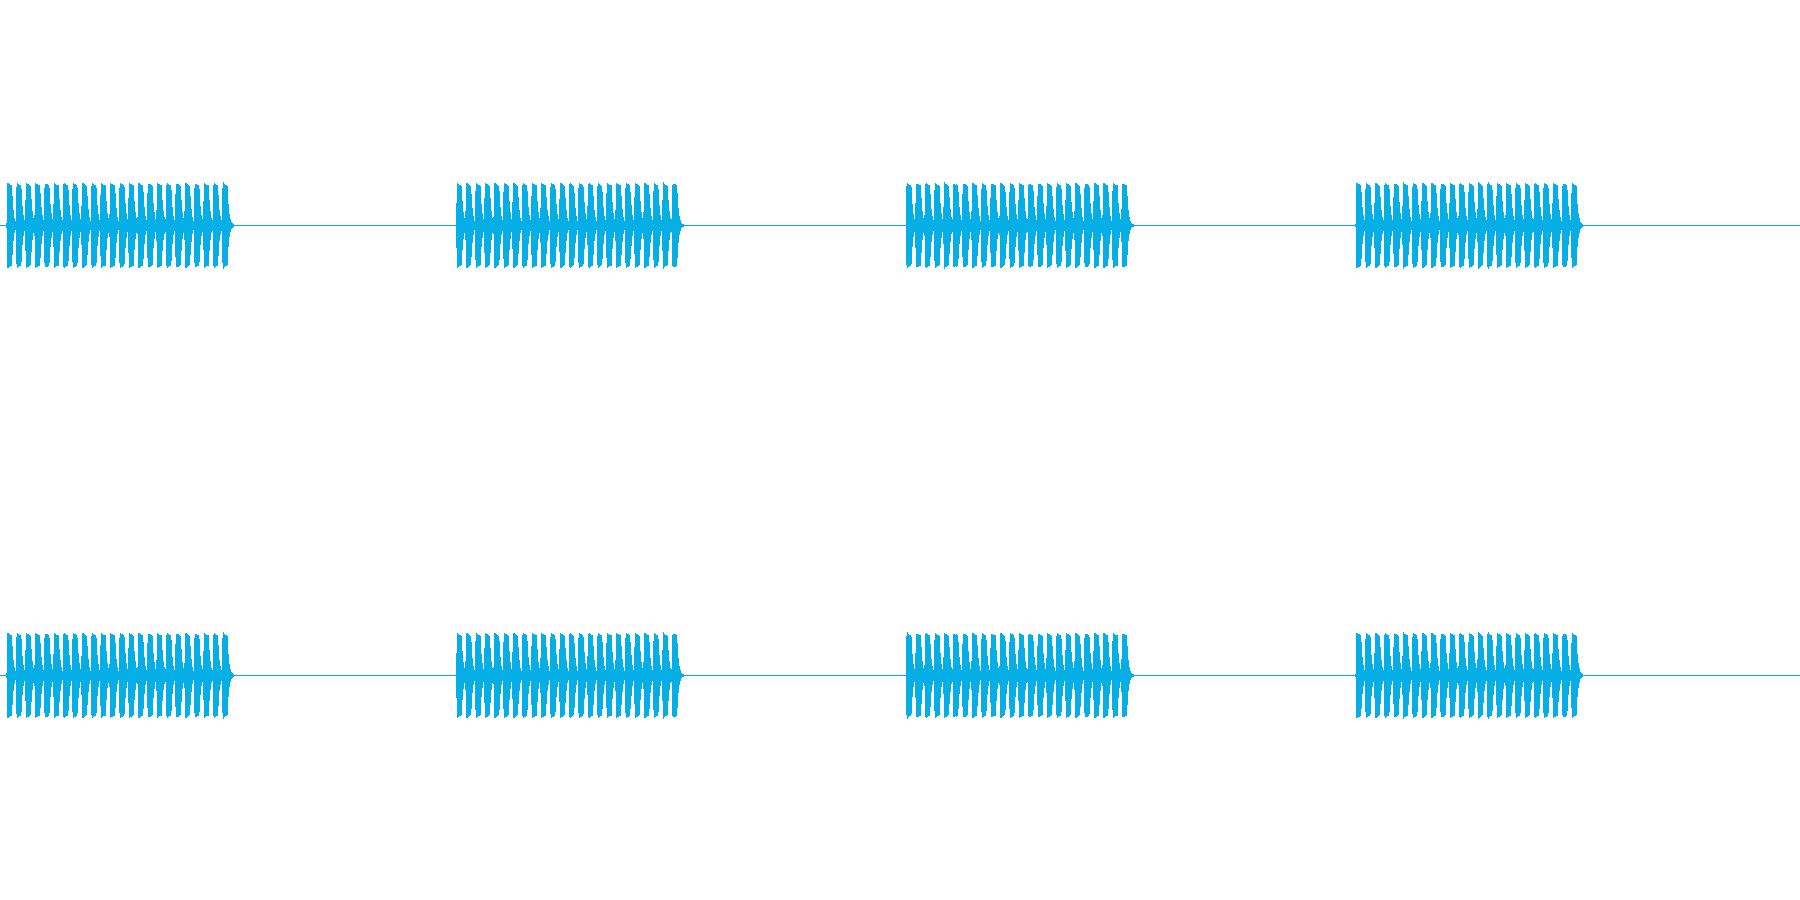 【携帯電話 着信音01-1L】の再生済みの波形